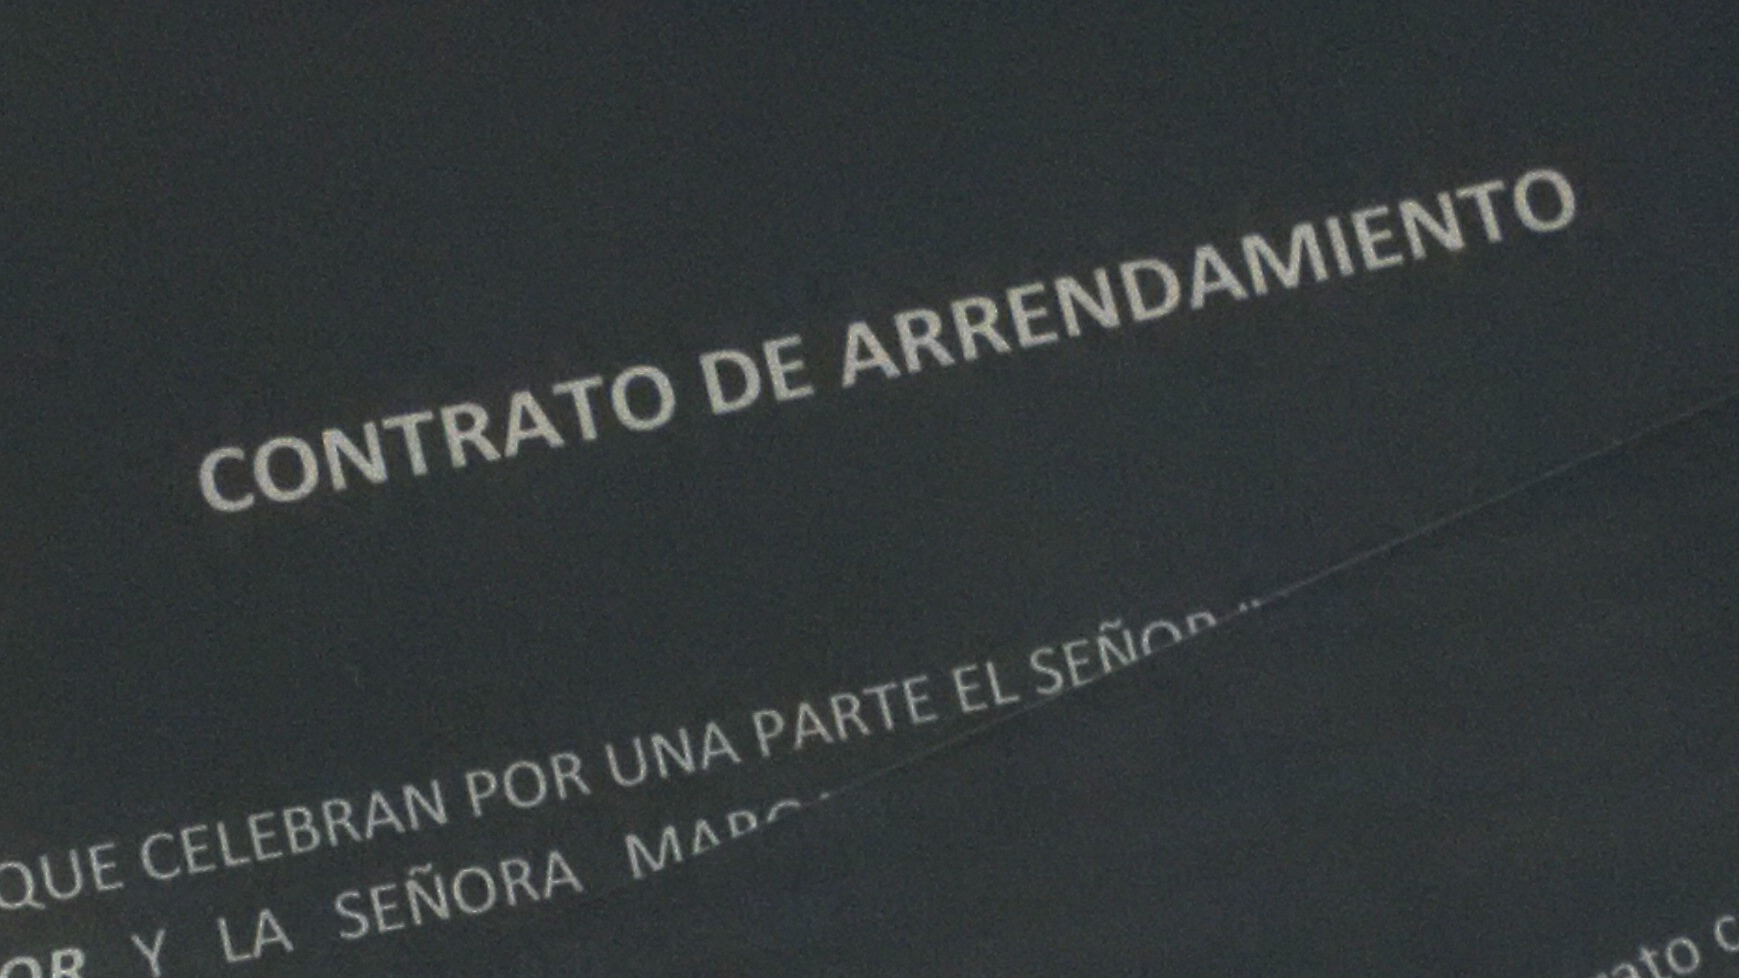 Contratos de arrendamiento haydeegarcia for Contrato de arrendamiento de oficina